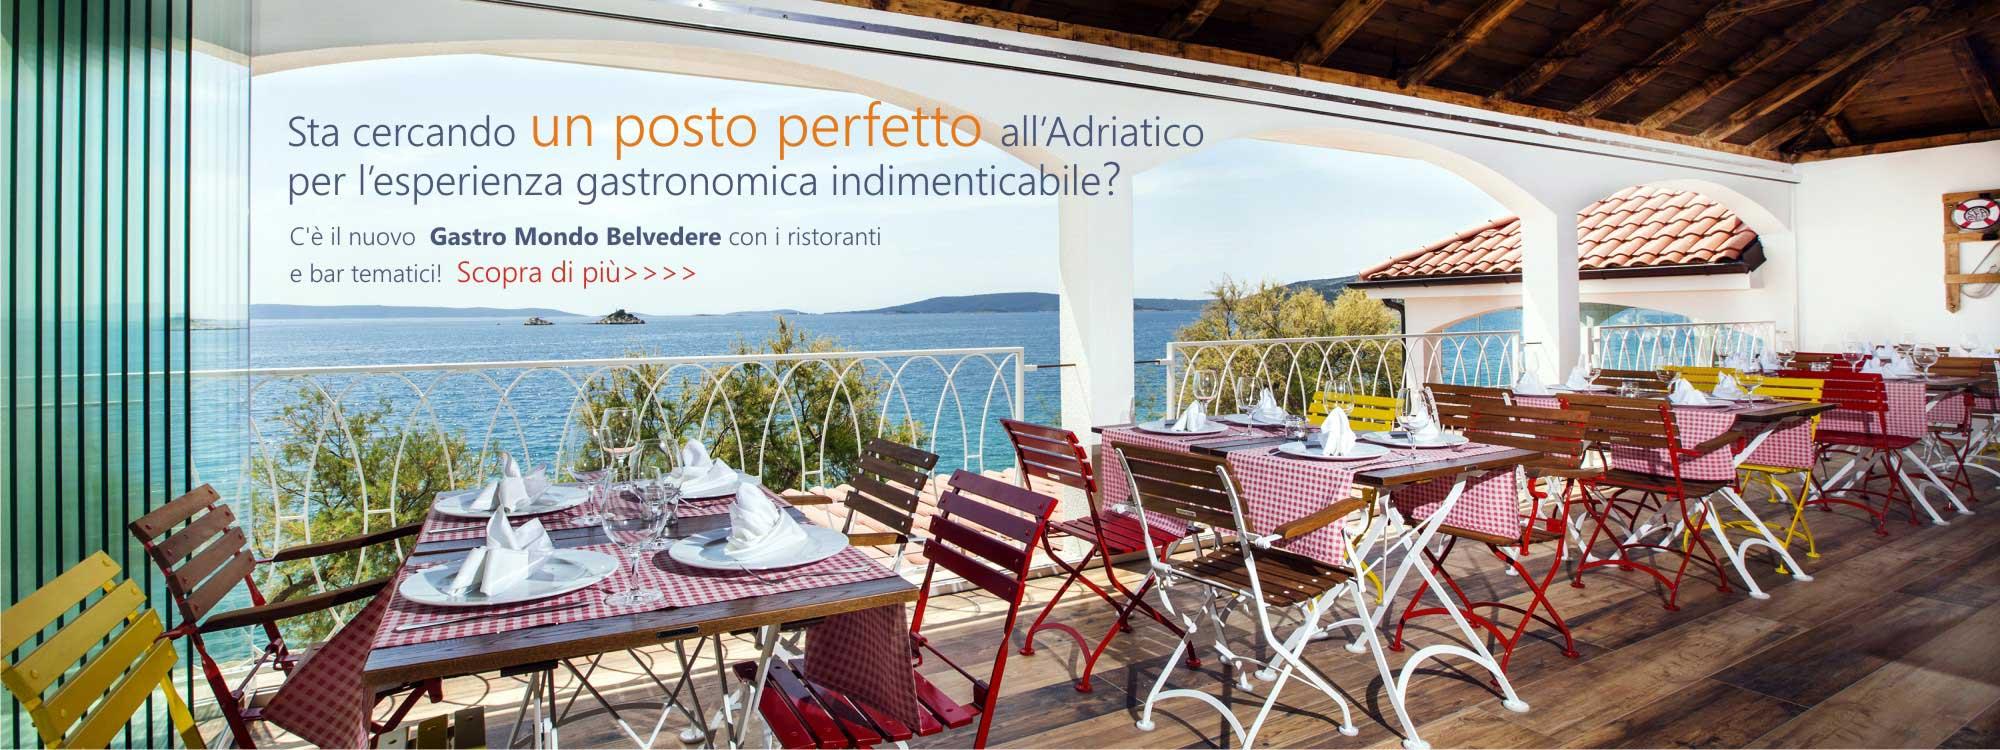 Belvedere_gastro_mondo_offe